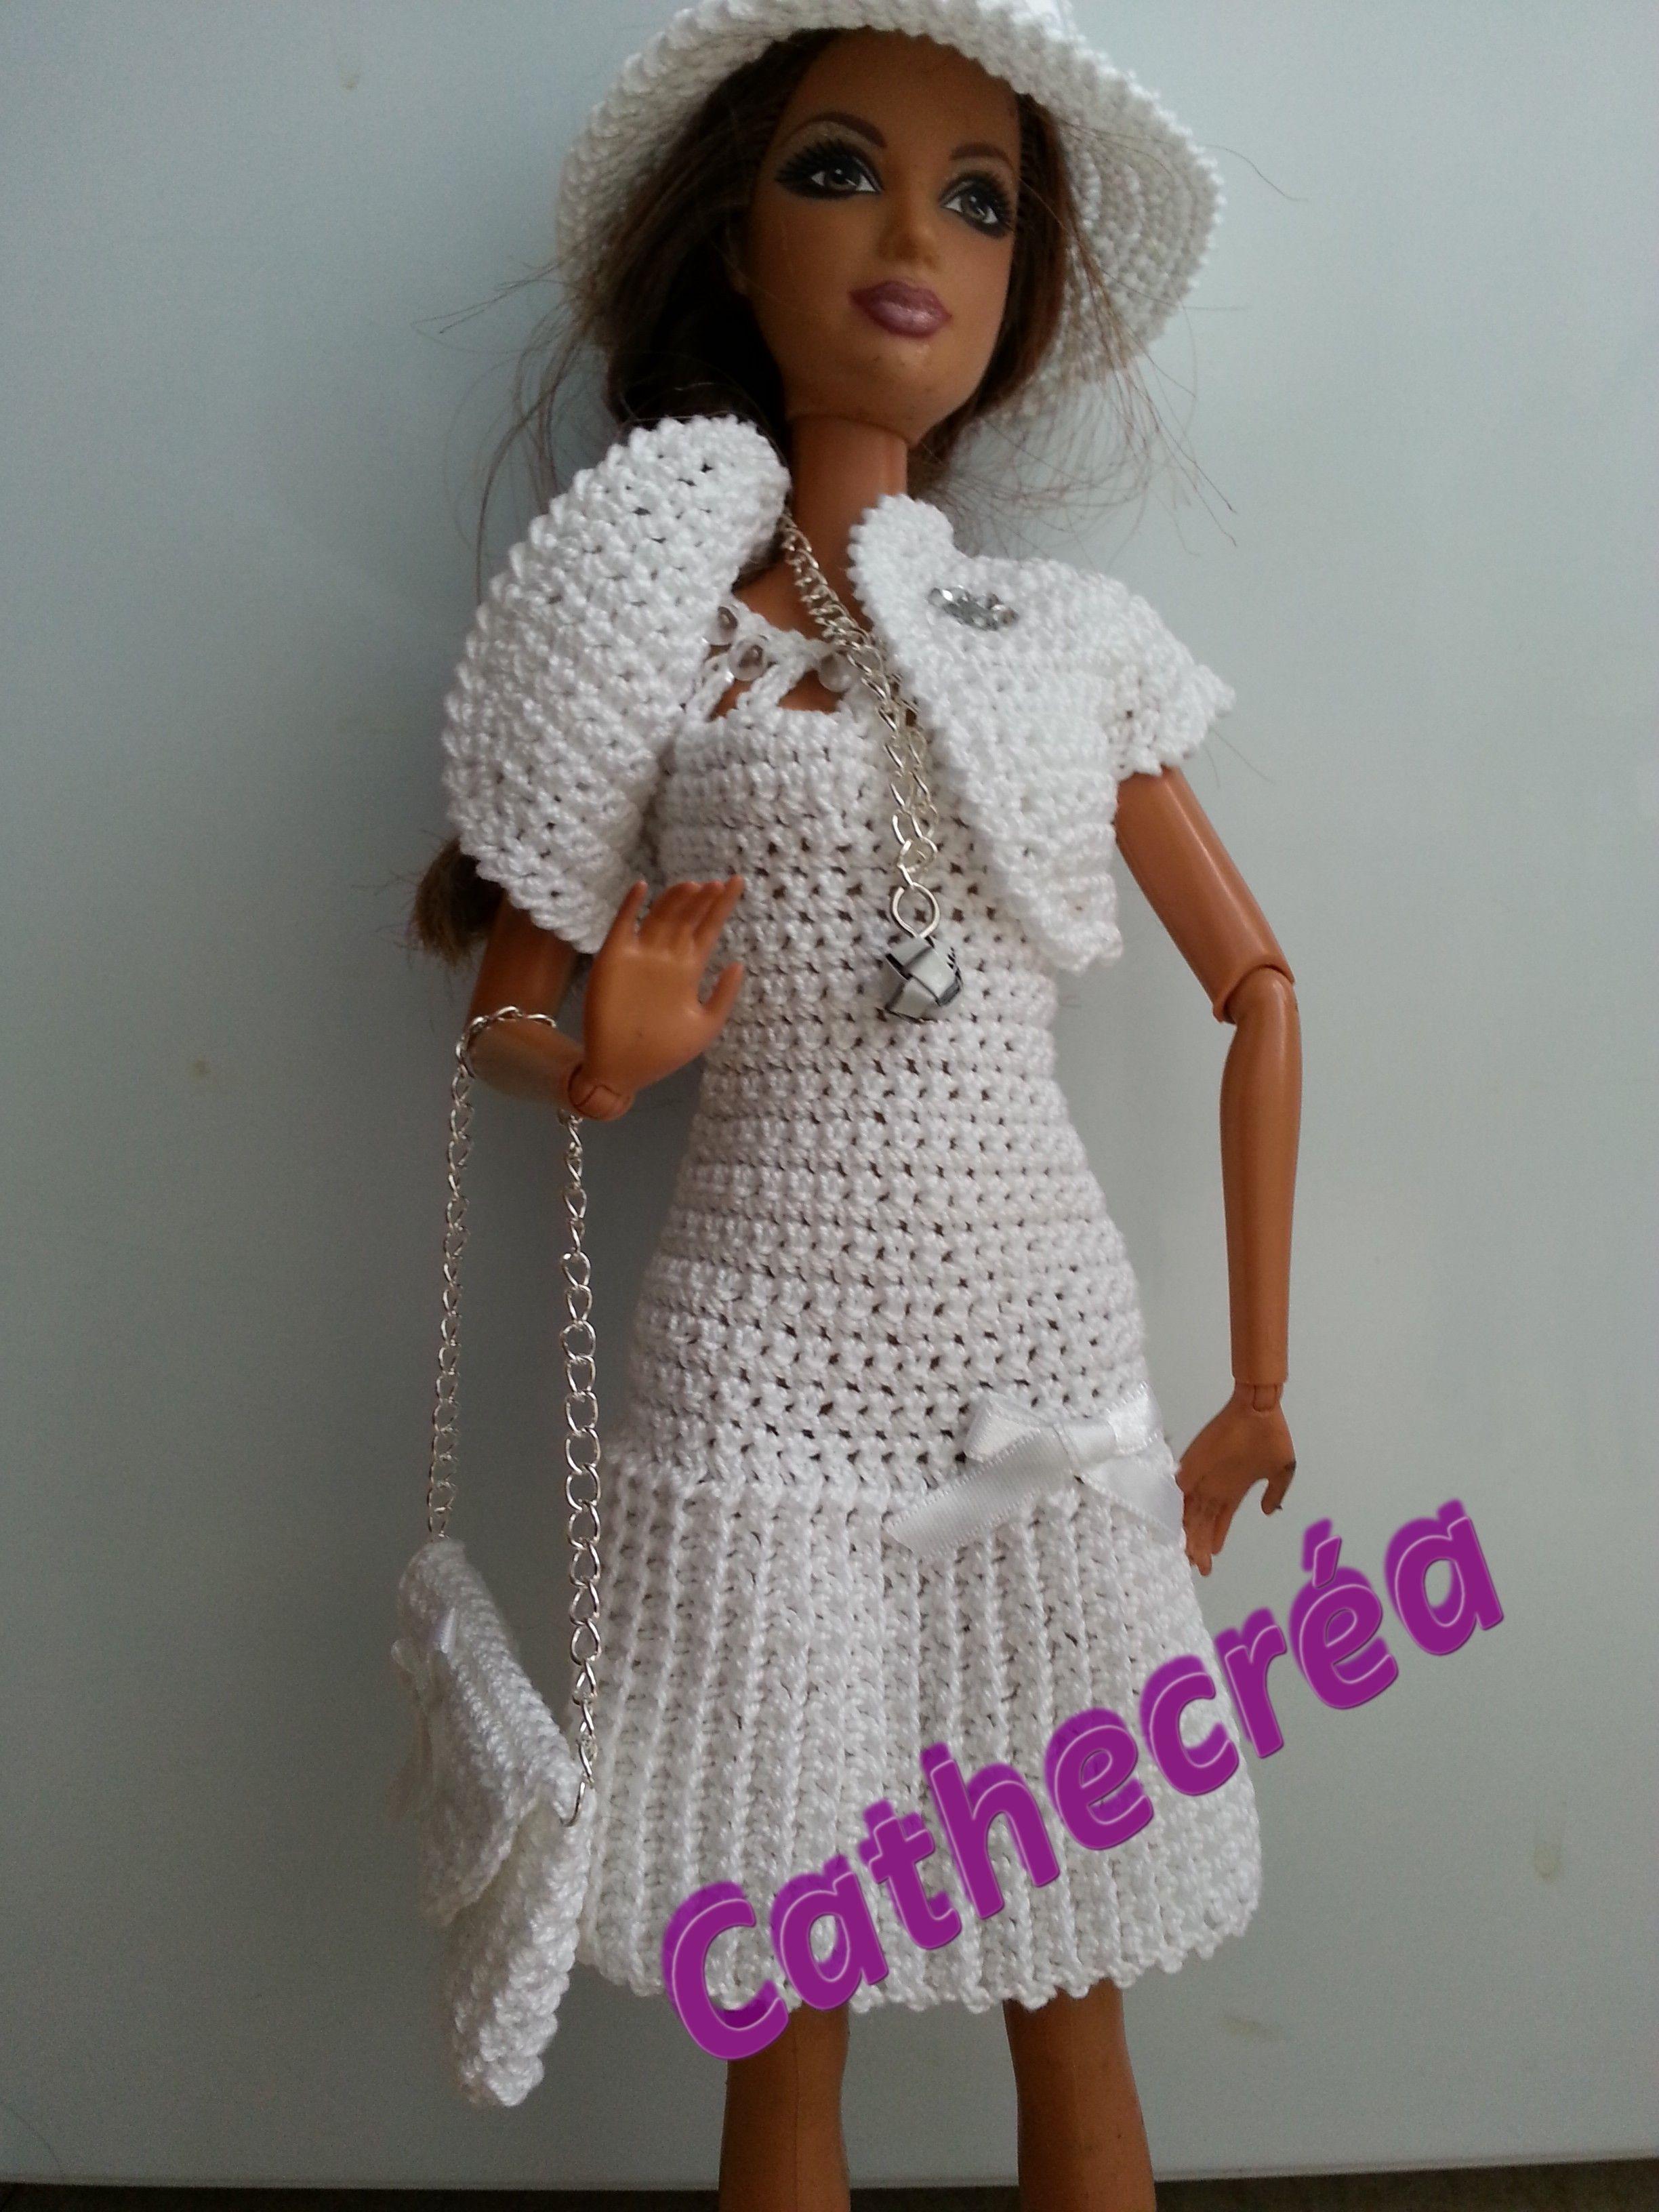 Dorable Los Patrones De Crochet Libre Para 18 En Ropa Para Muñecas ...